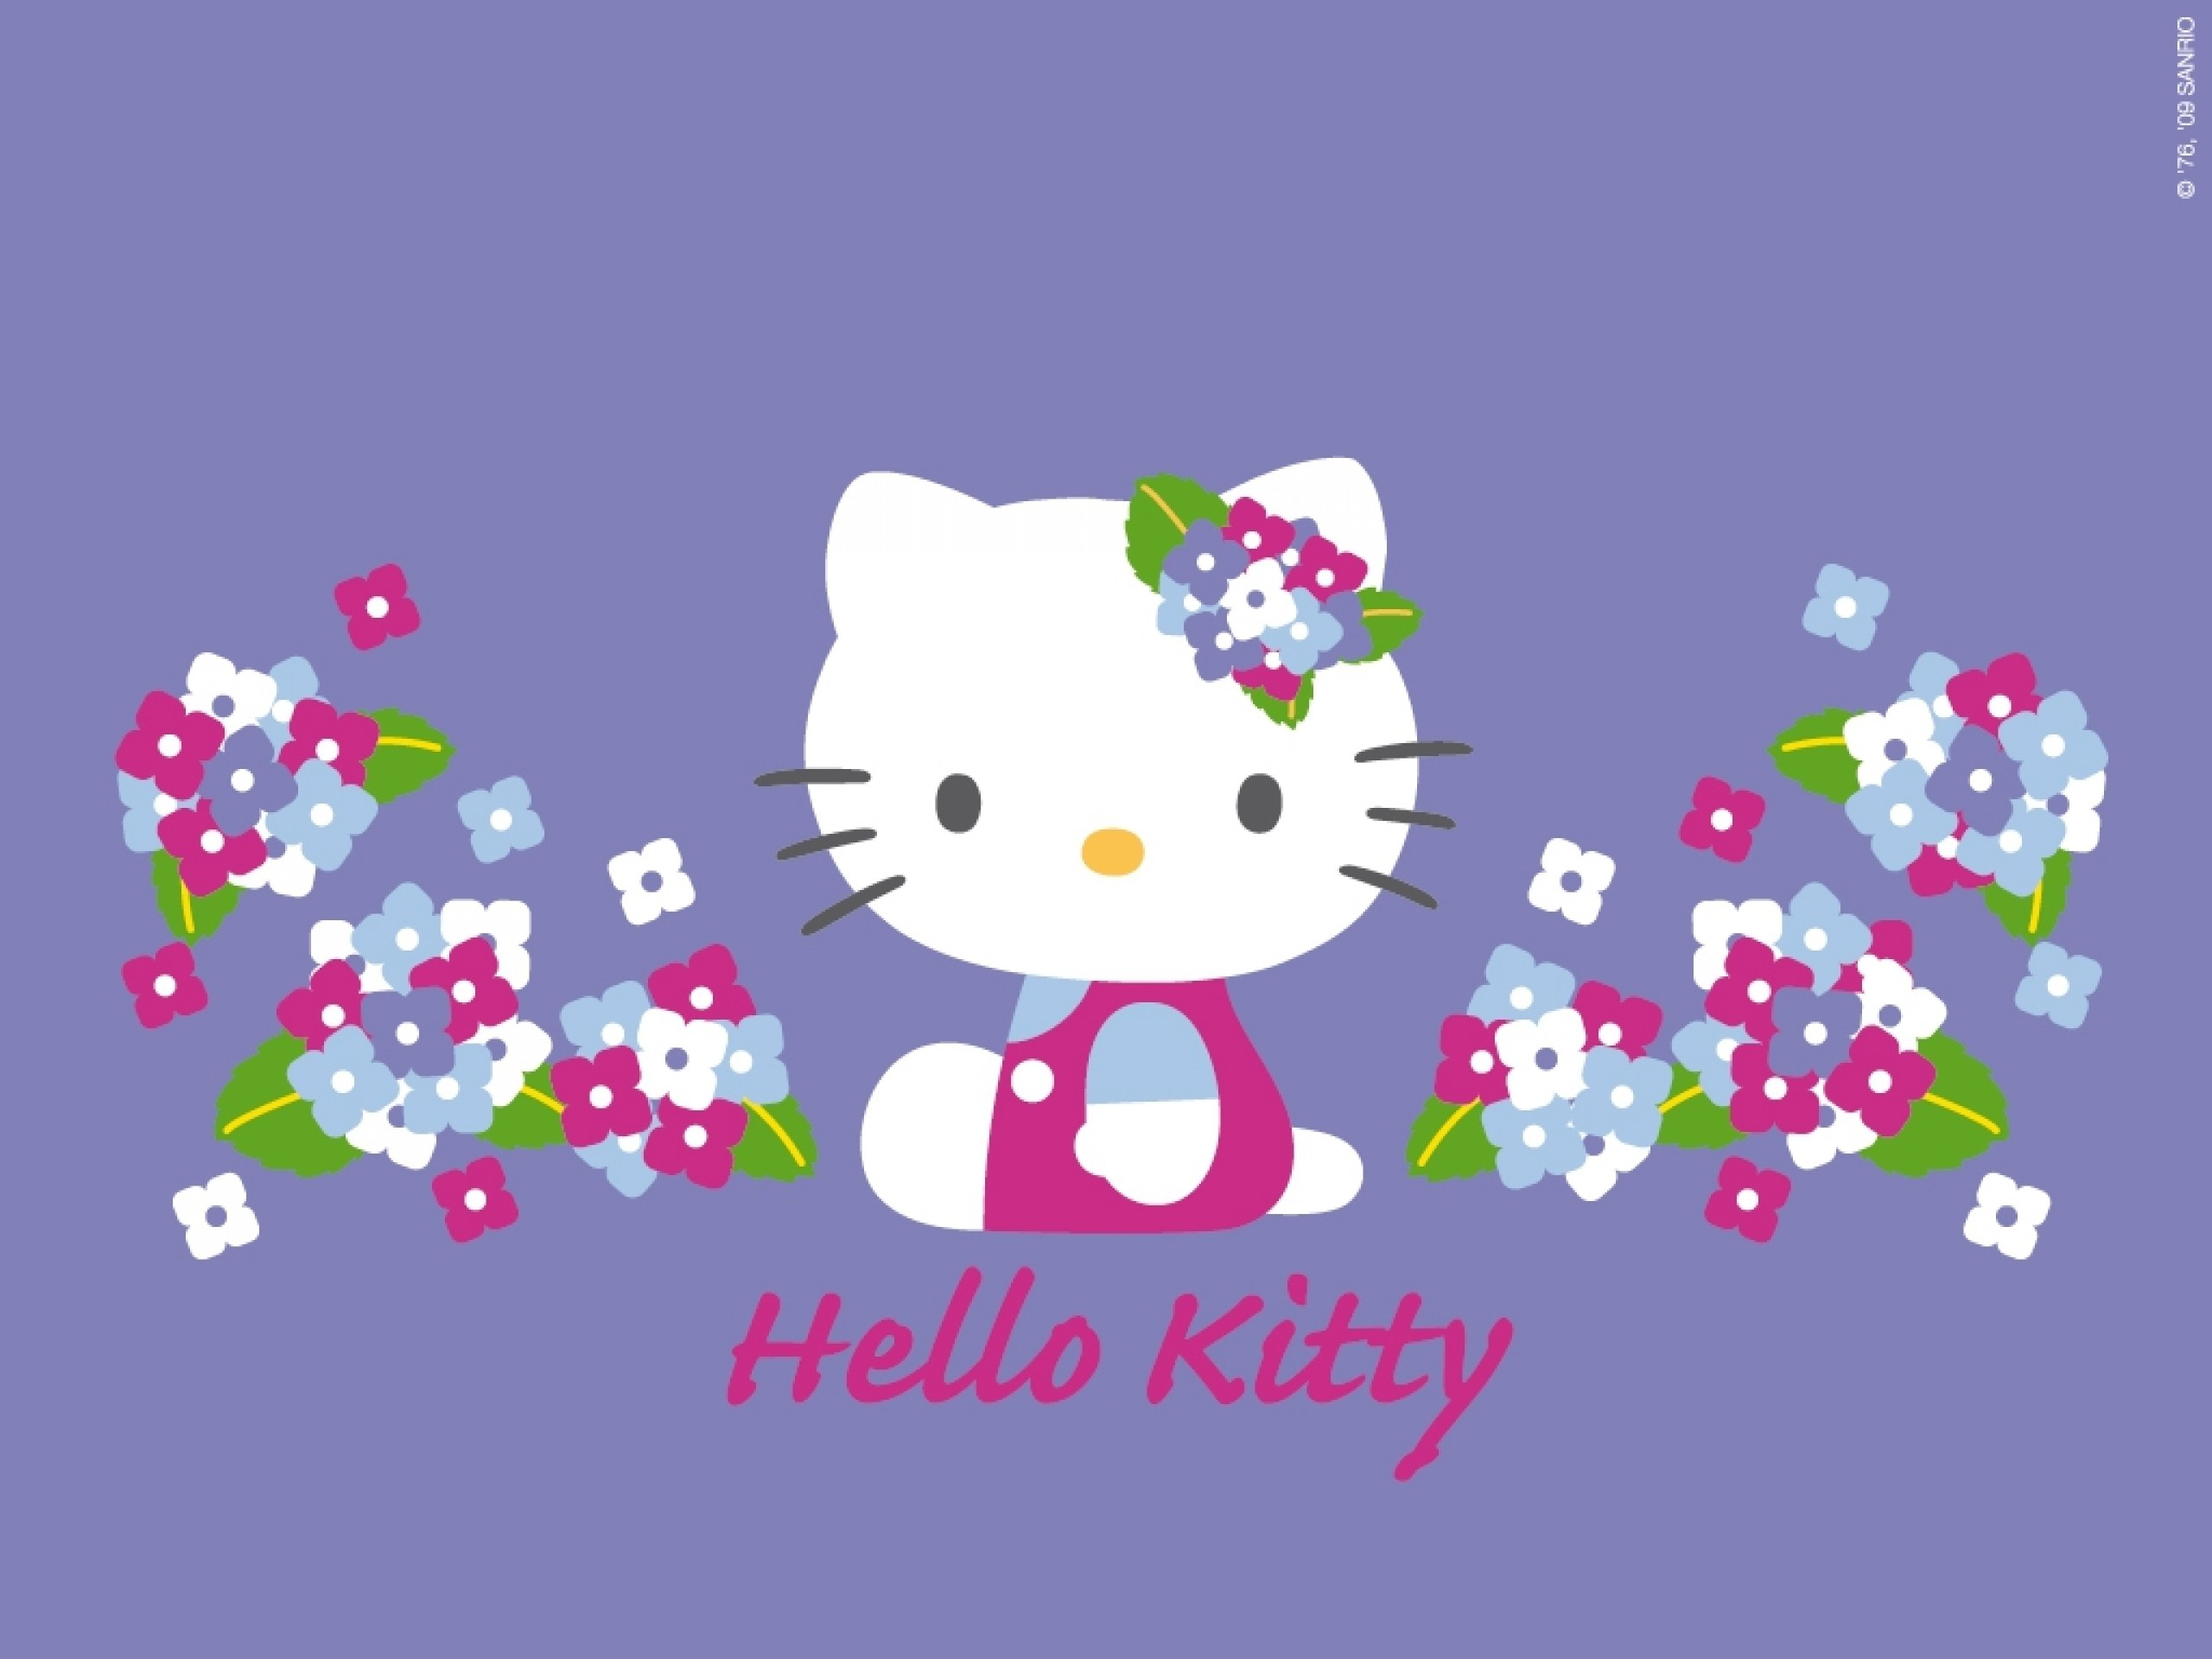 Kepala Hello Kitty Wallpaper Christmas